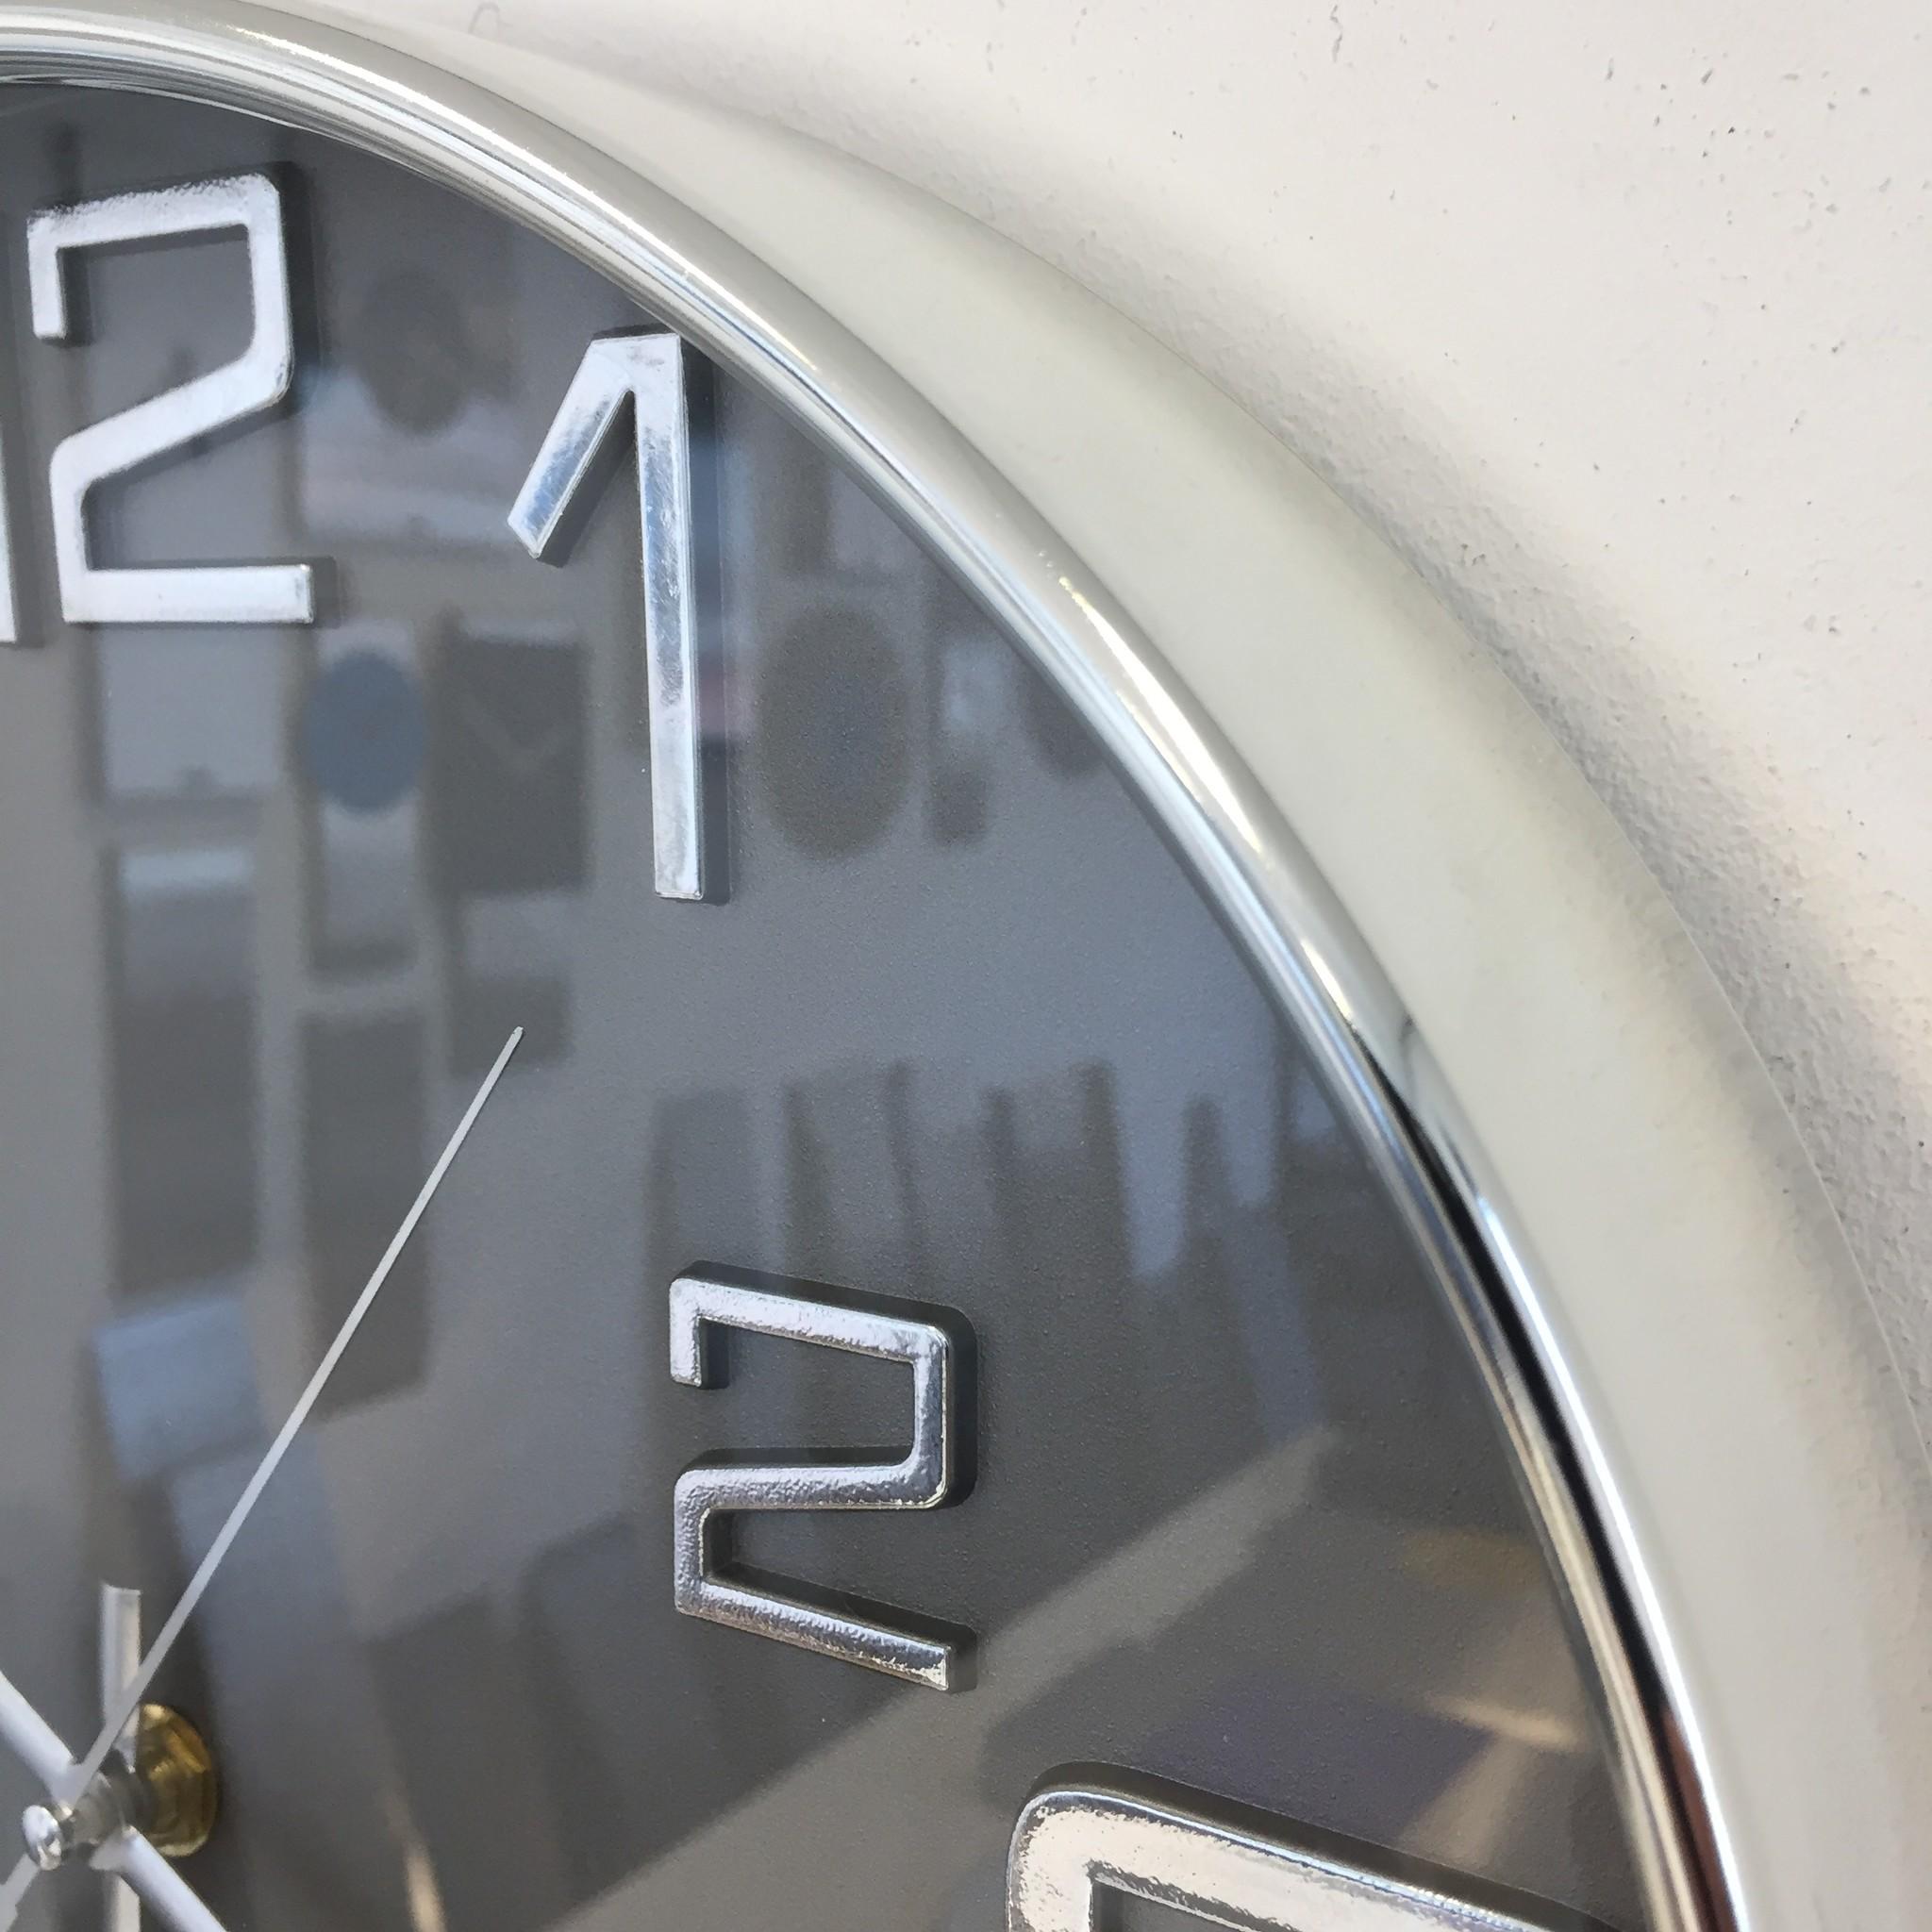 Saramax Wandklok BIG 6 grijs modern design